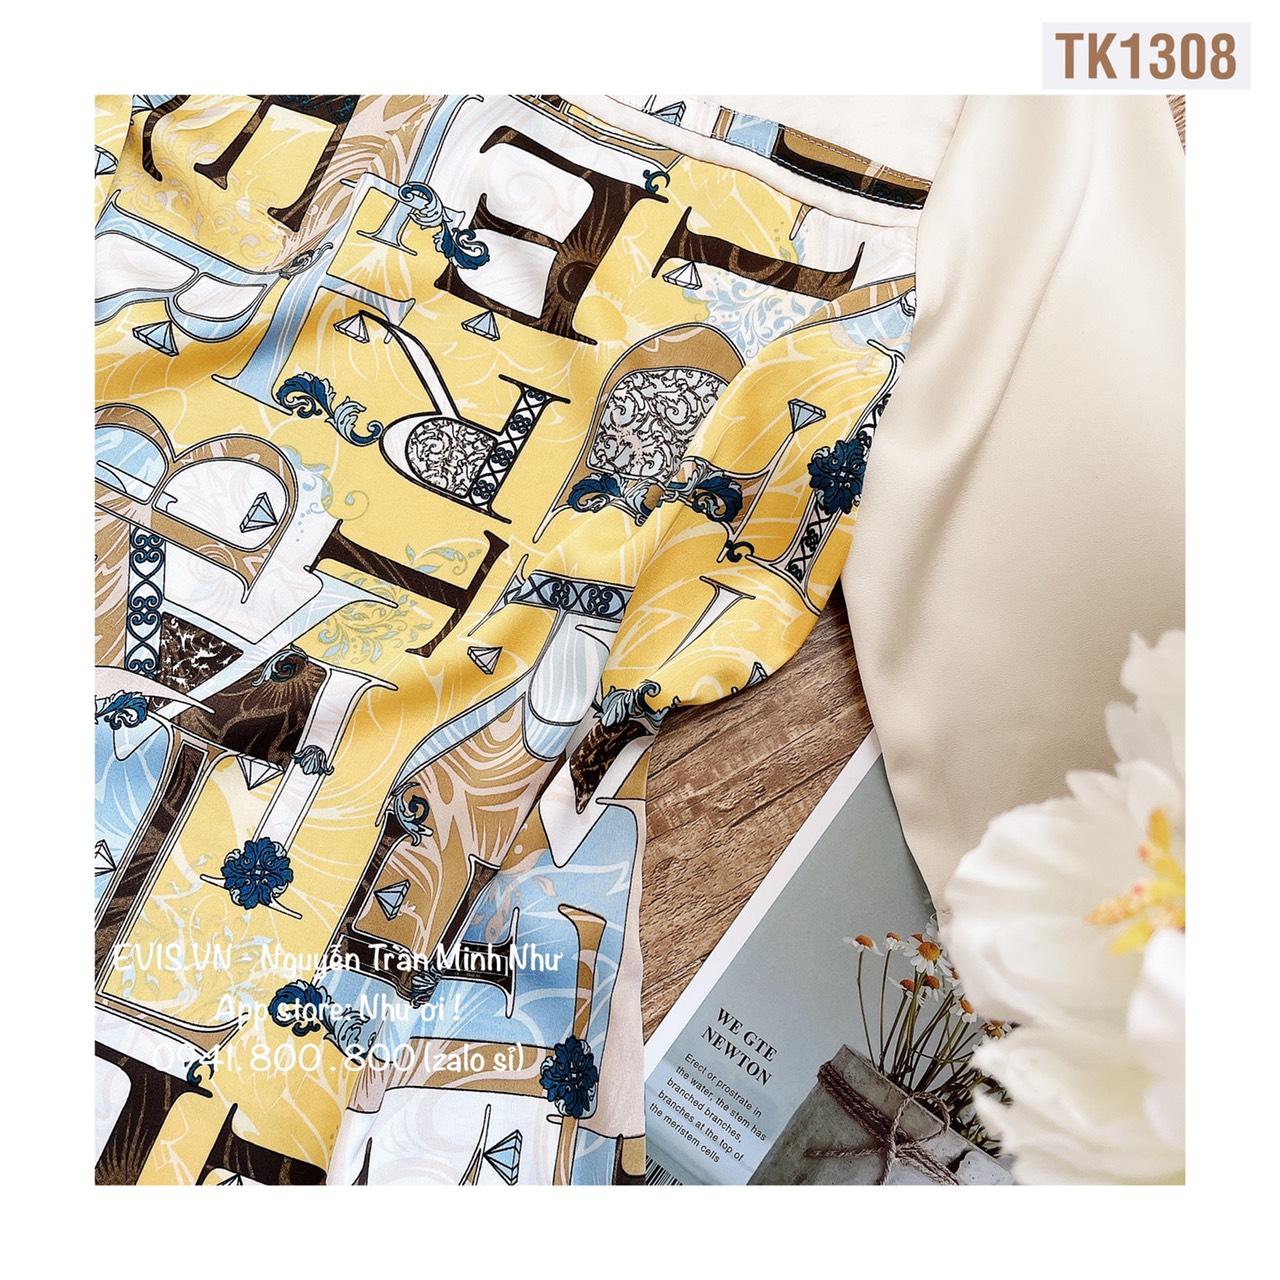 ÁO KIỂU TK1308